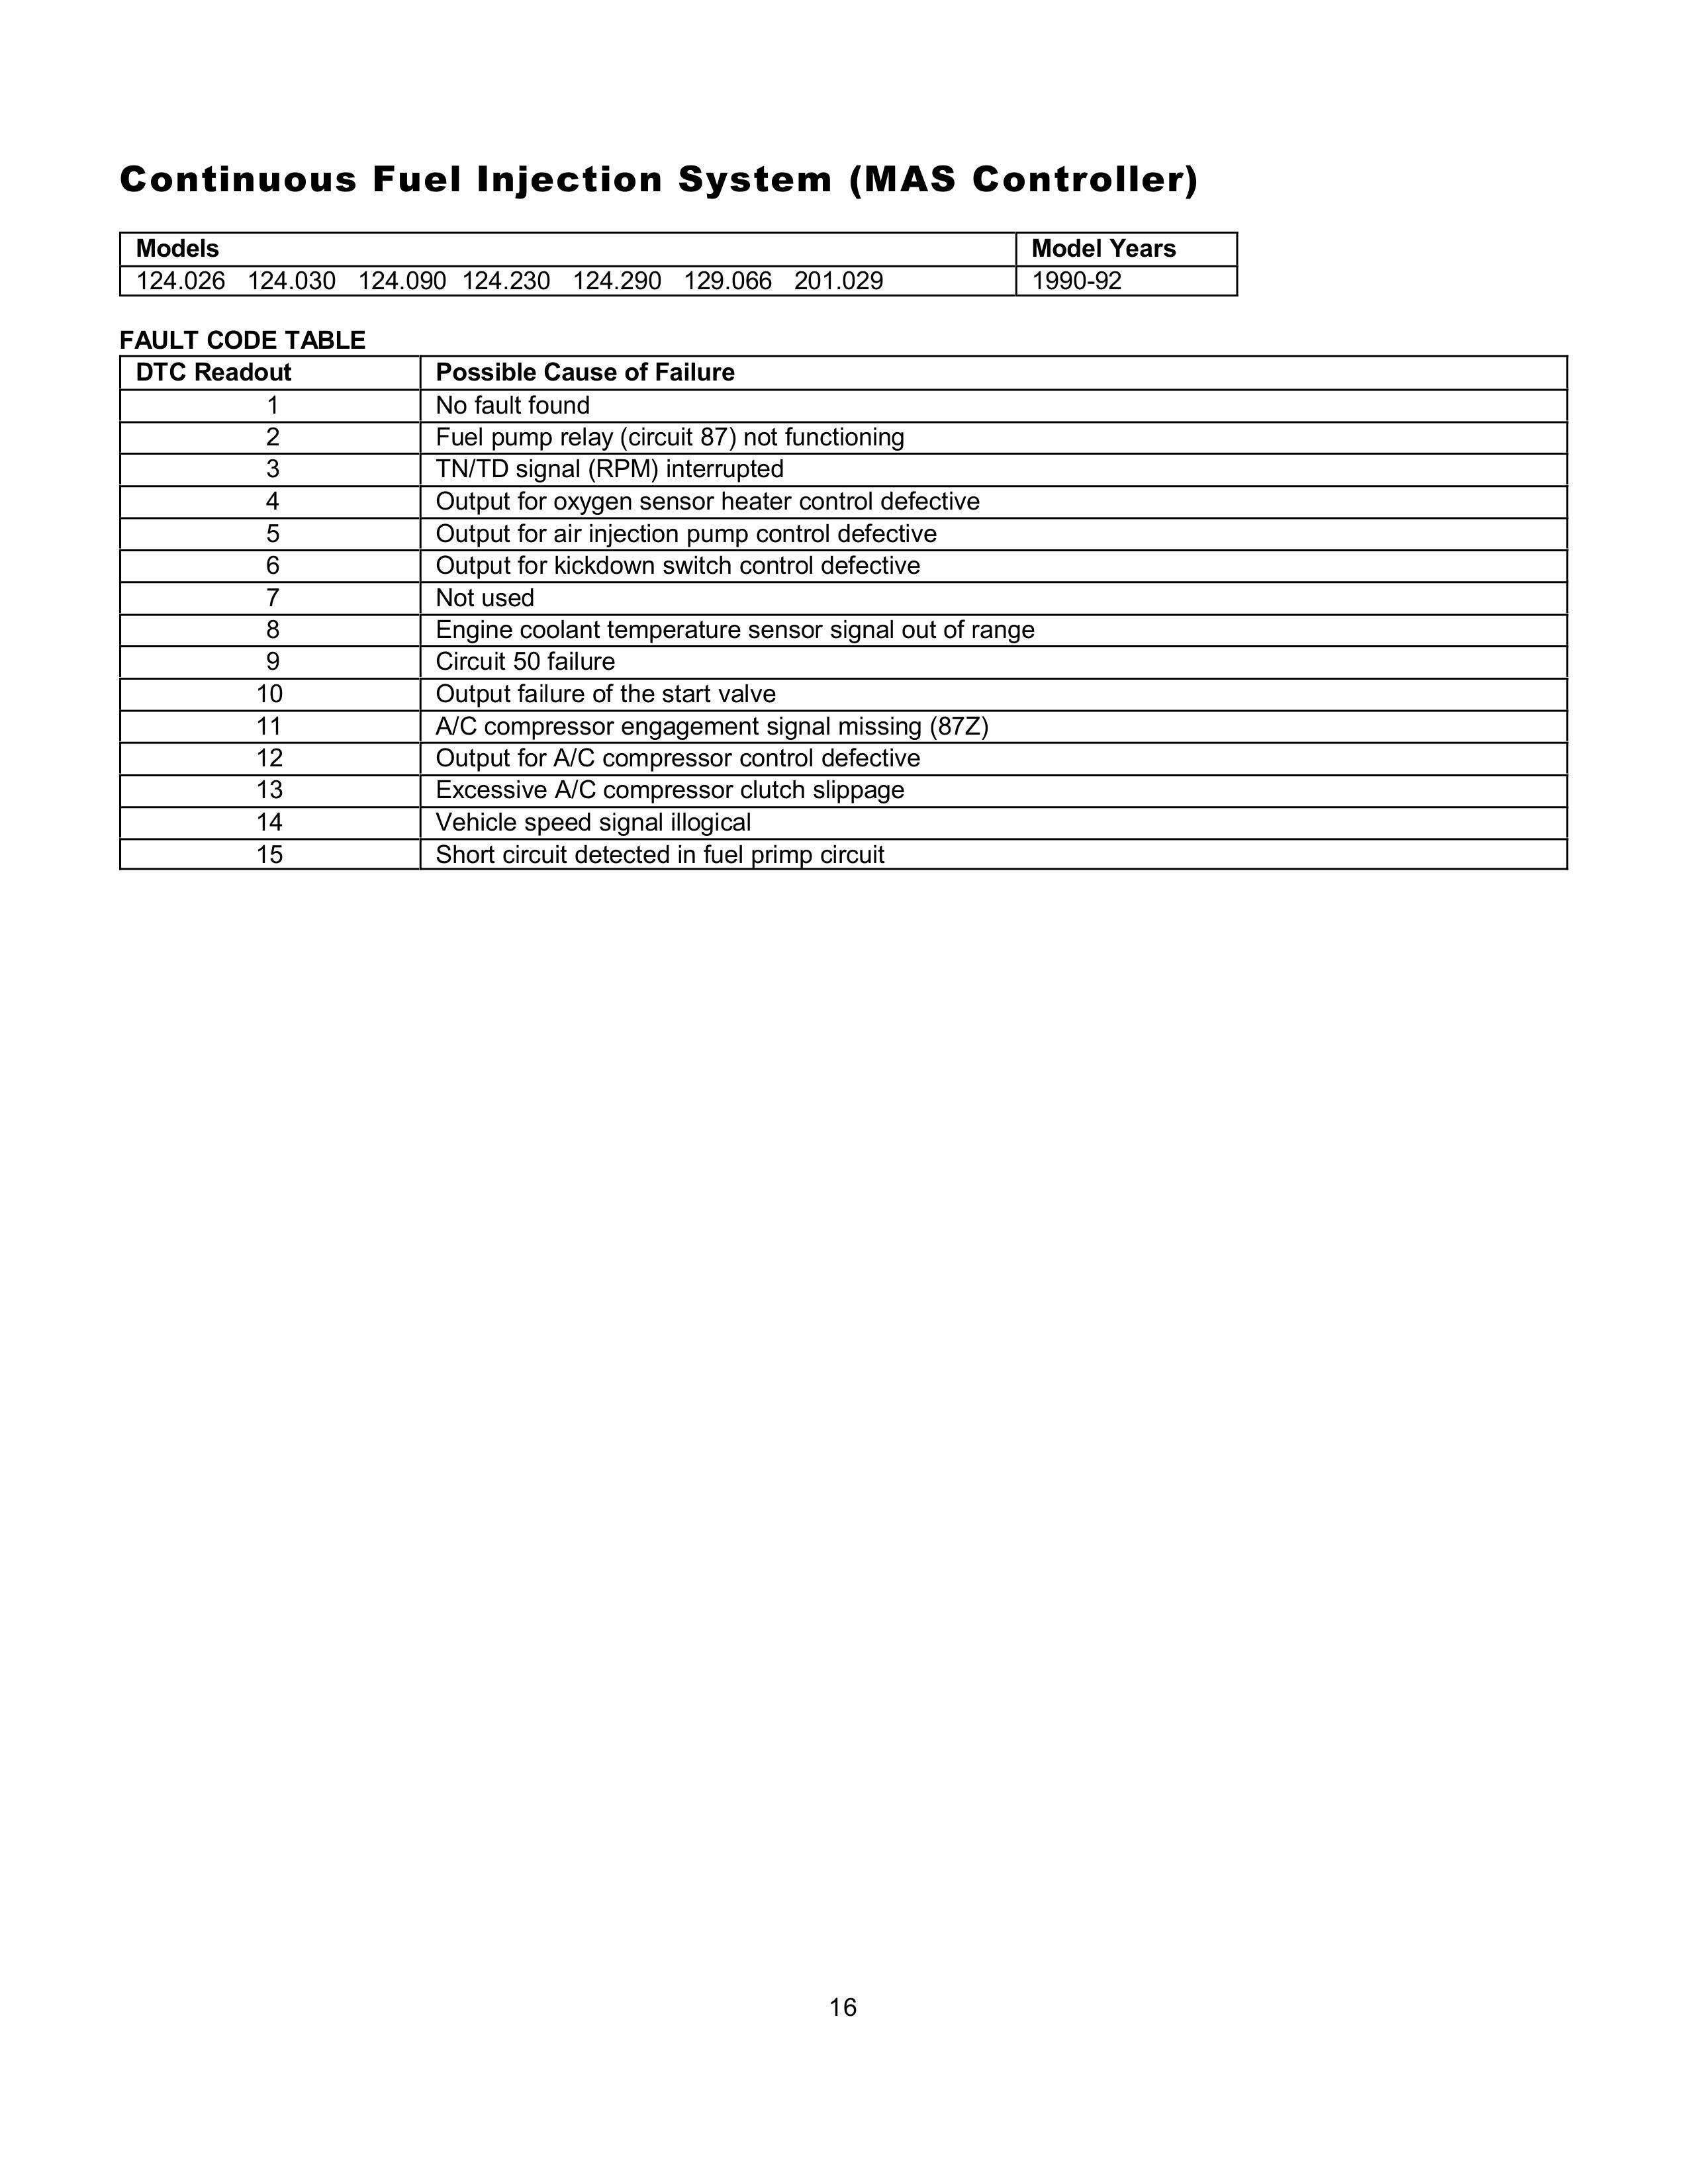 (AJUDA GERAL): Manual de códigos das falhas - analógico e digital - 1988 a 2000 001612